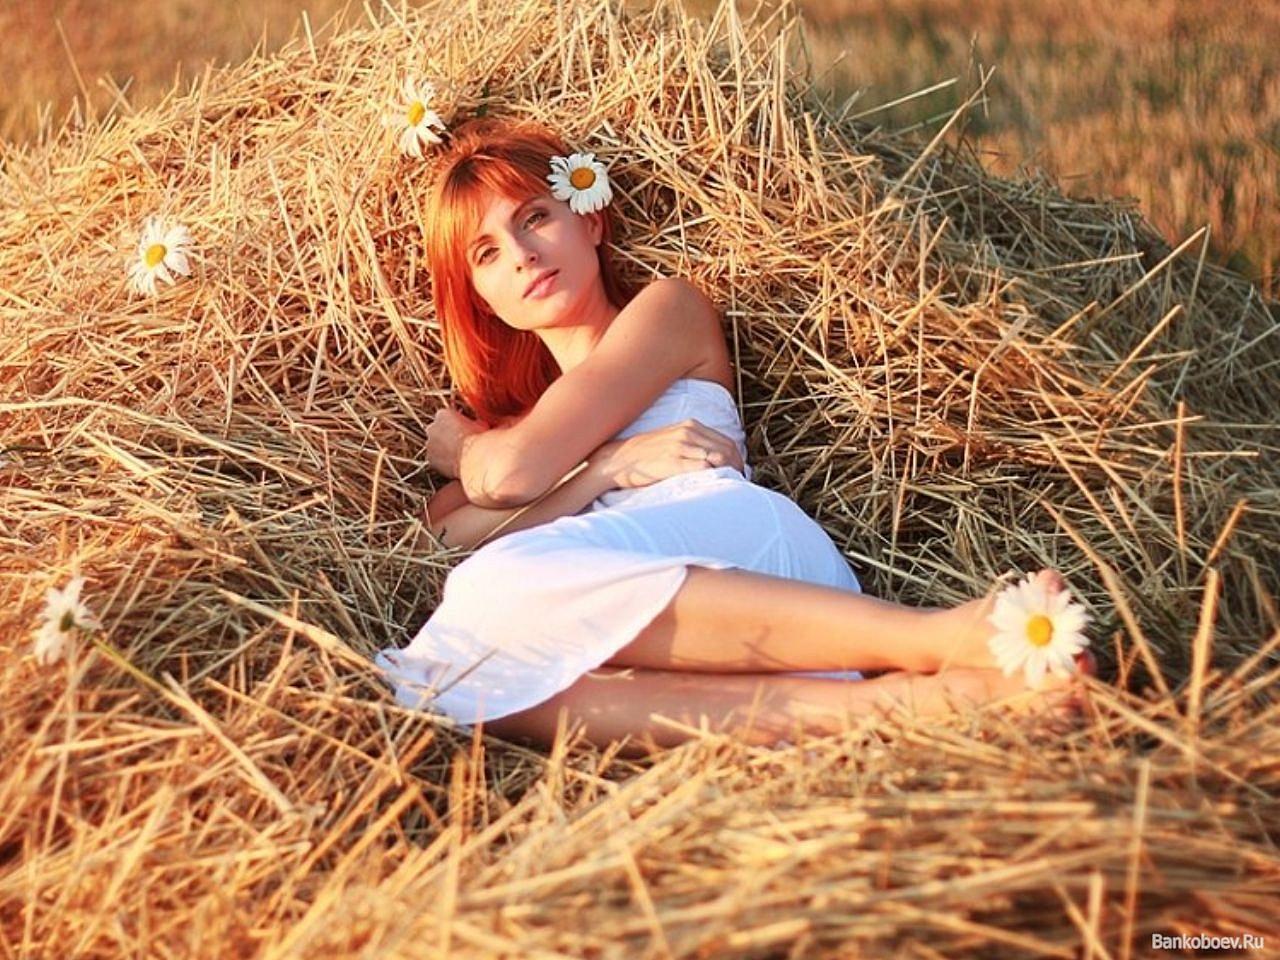 Фото девочки возле сена 21 фотография